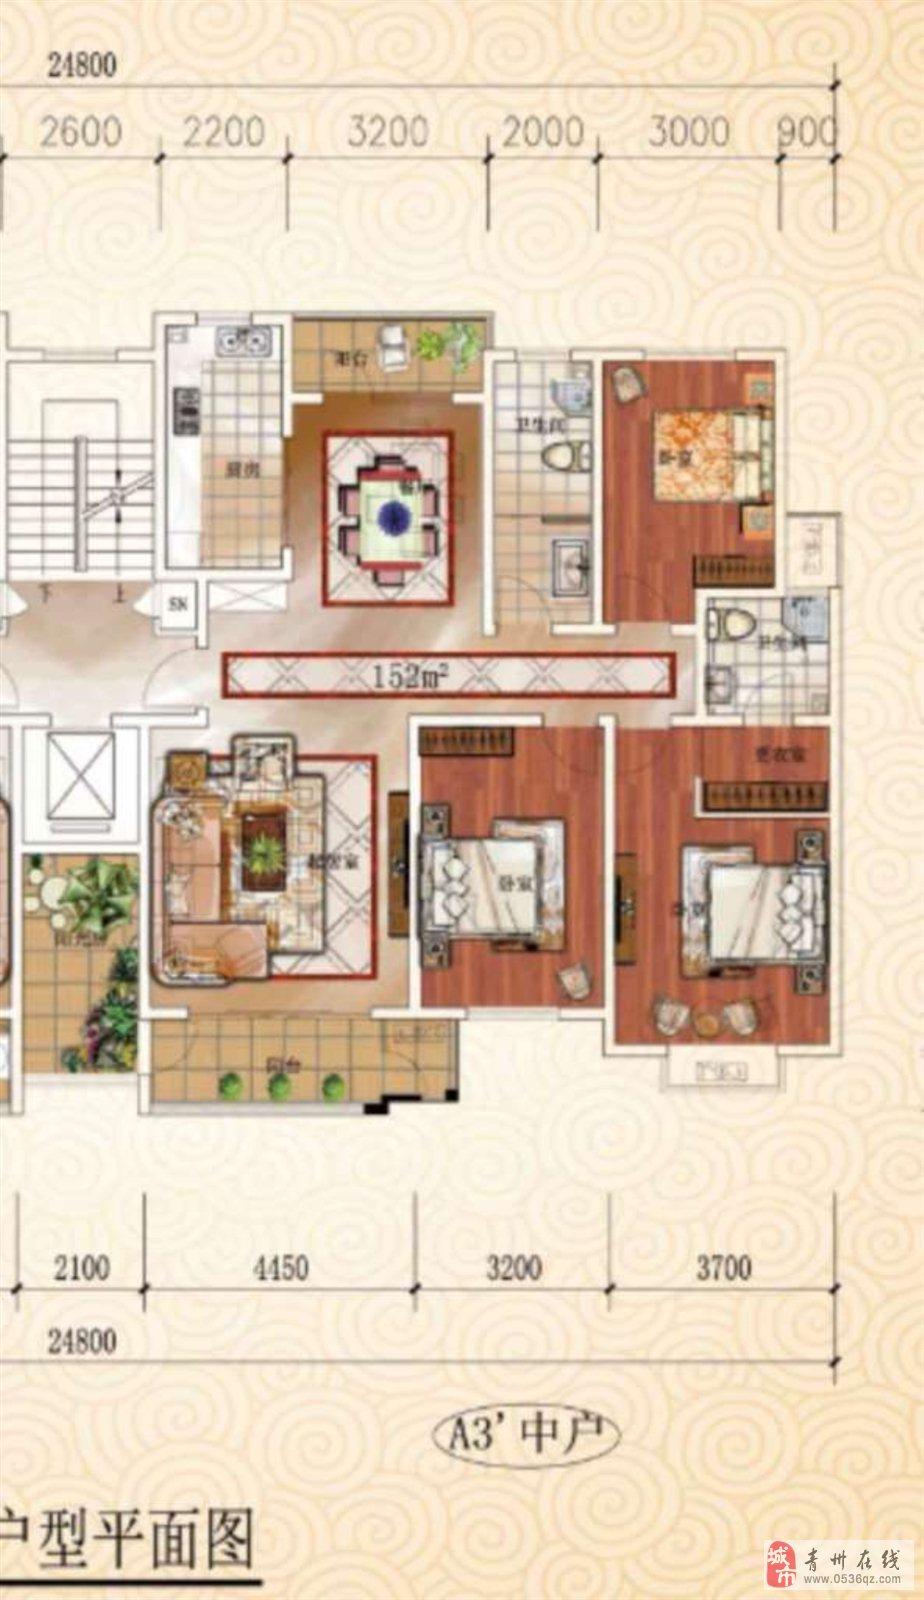 南山豪庭4楼毛坯3室153平+车库储132万